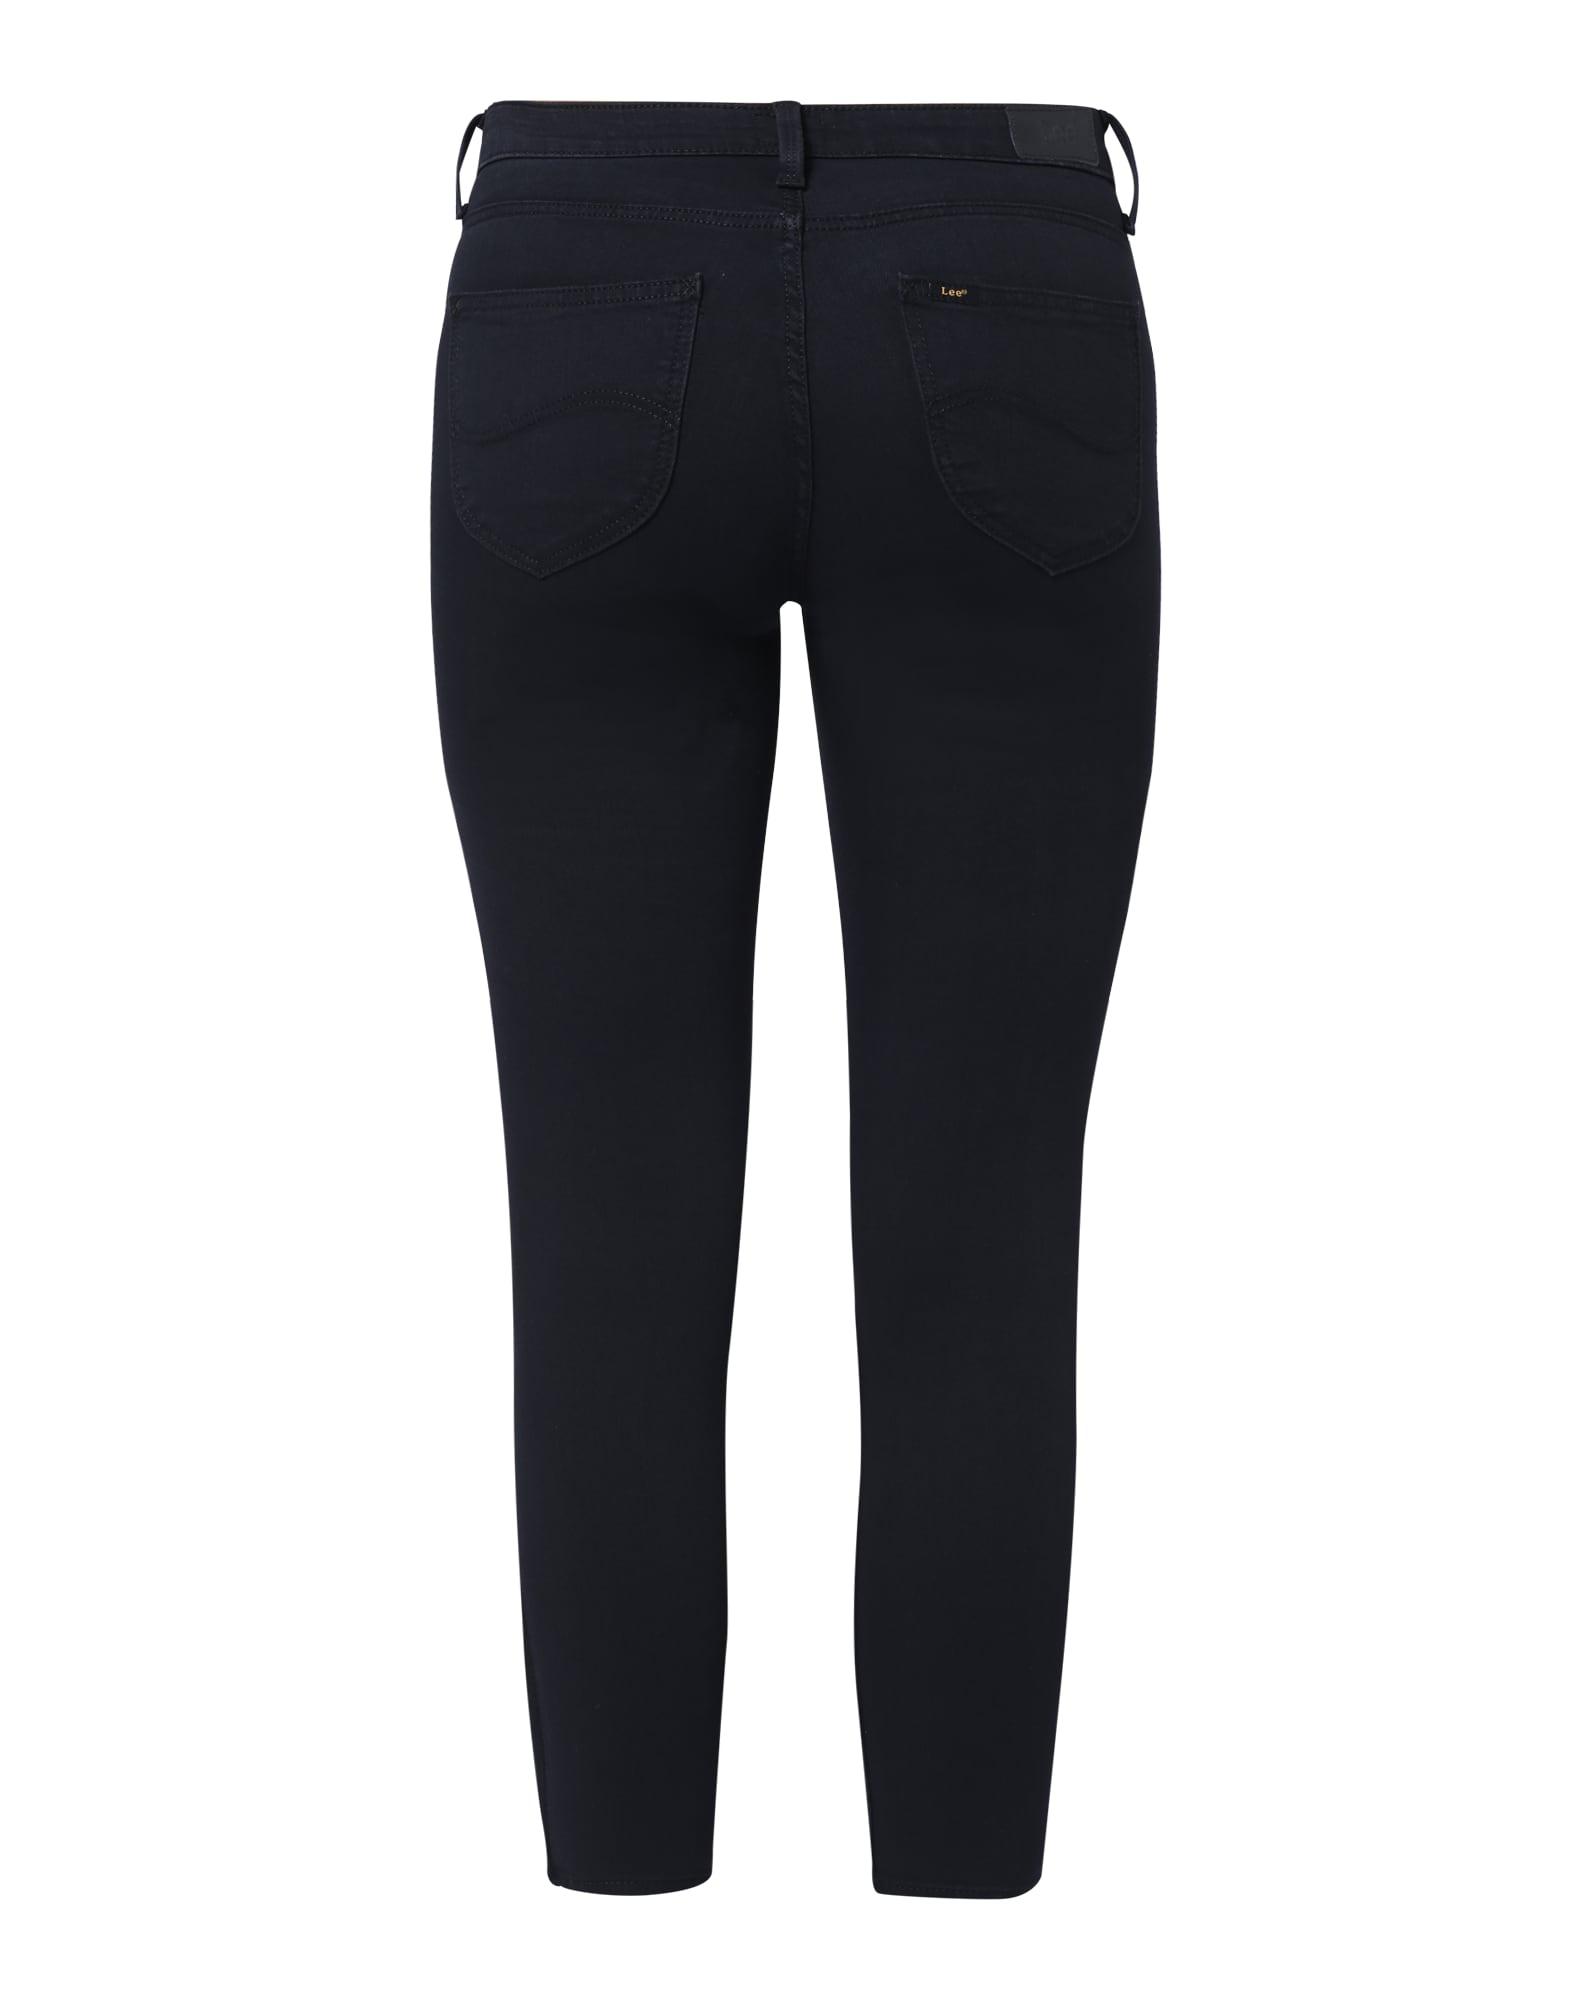 Lee Jeans 'Scarlett Cropped'  svart denim